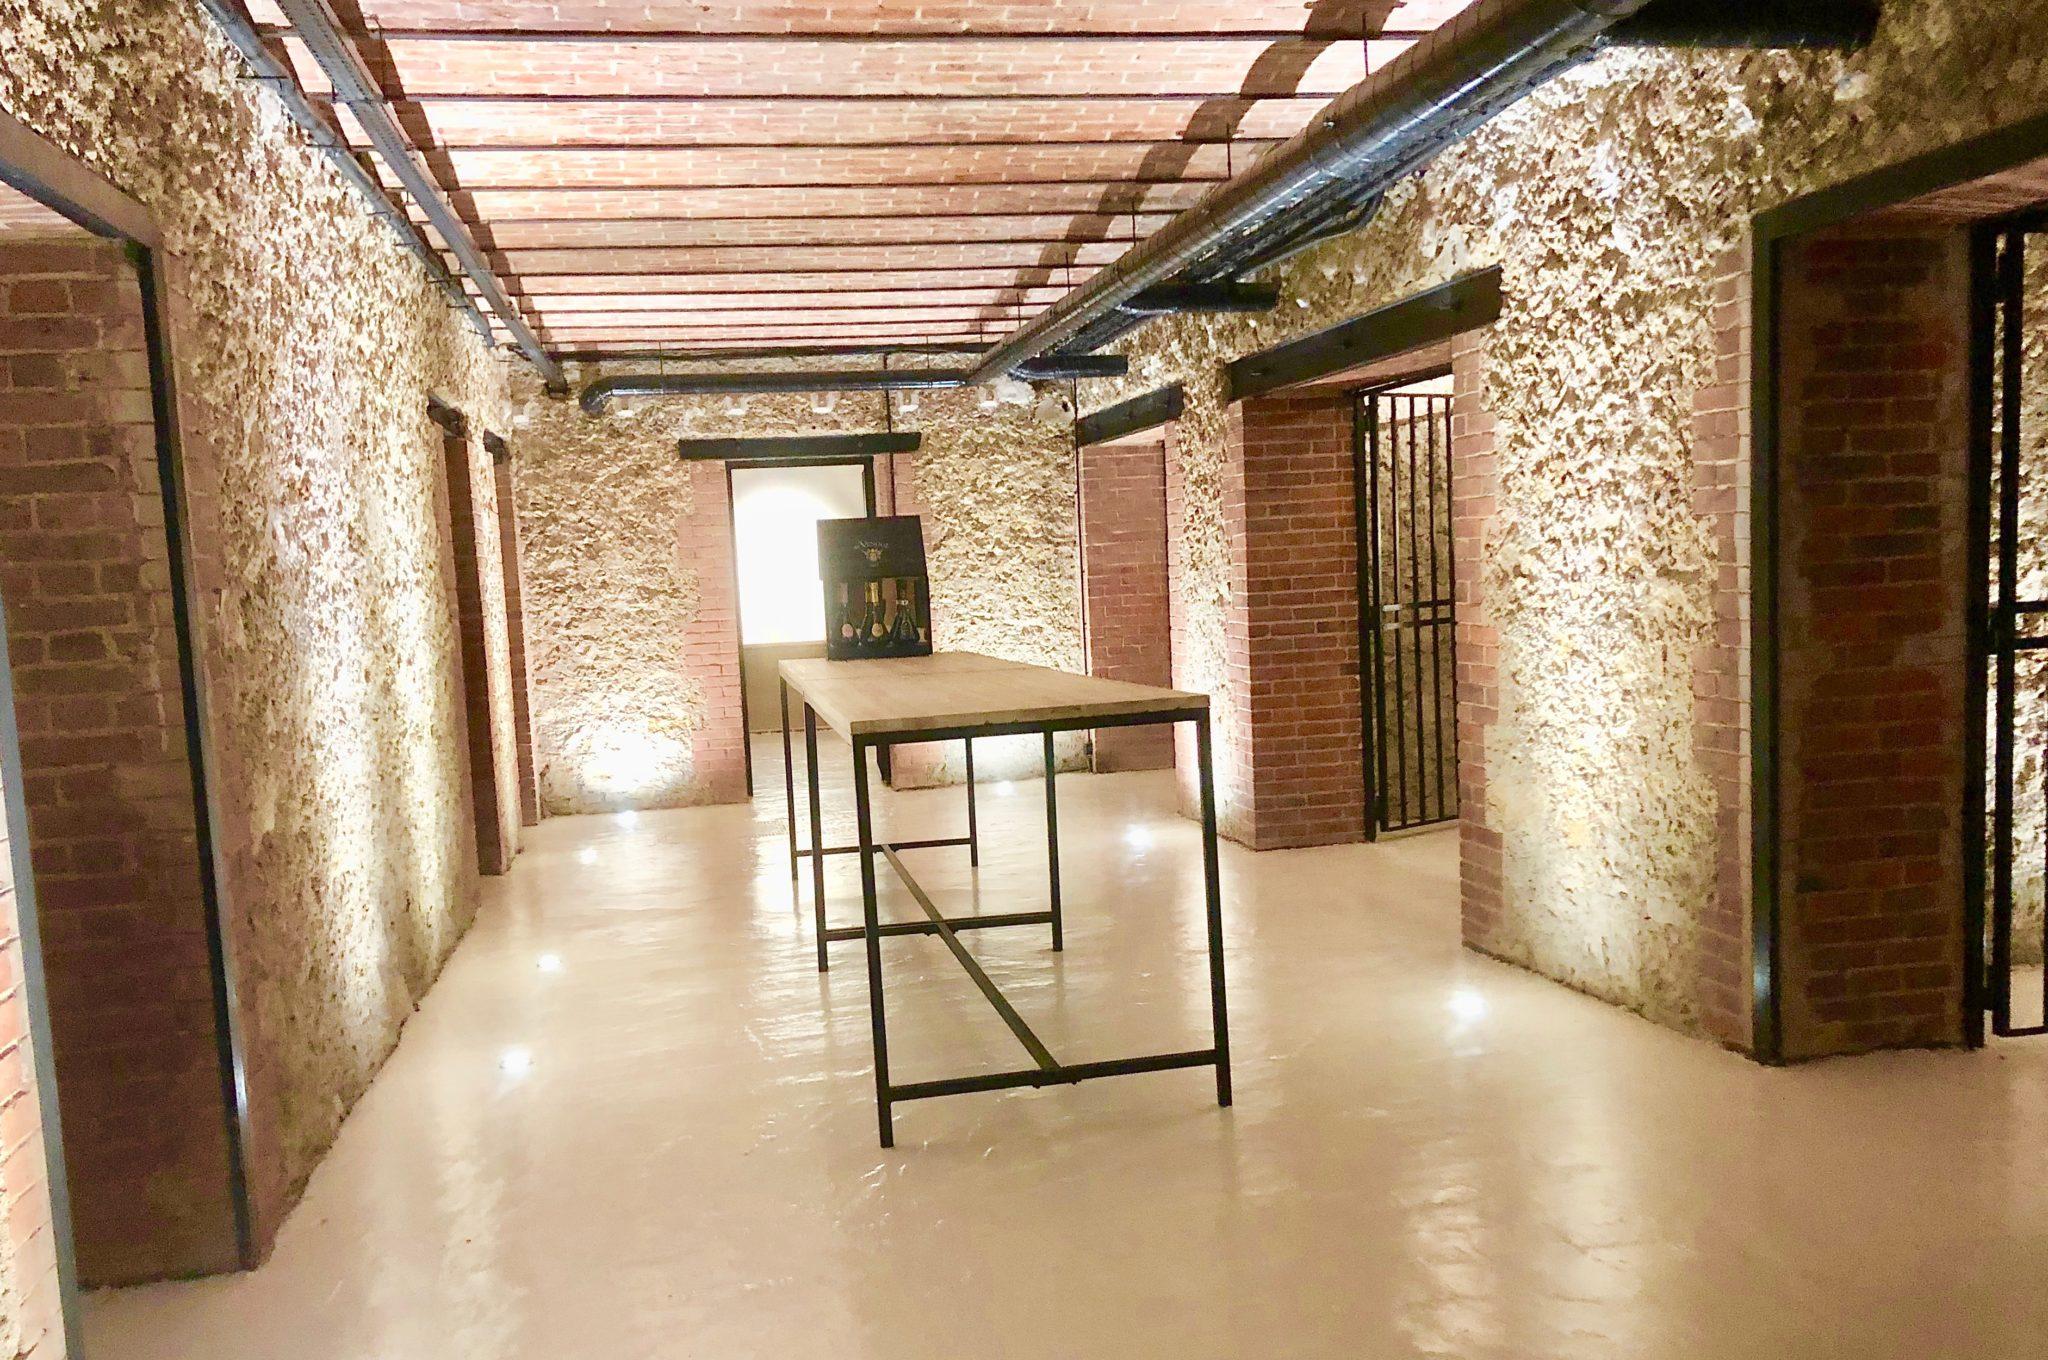 Une très belle rénovation pour ces caves de la maison sous l'avenue de Champagne.